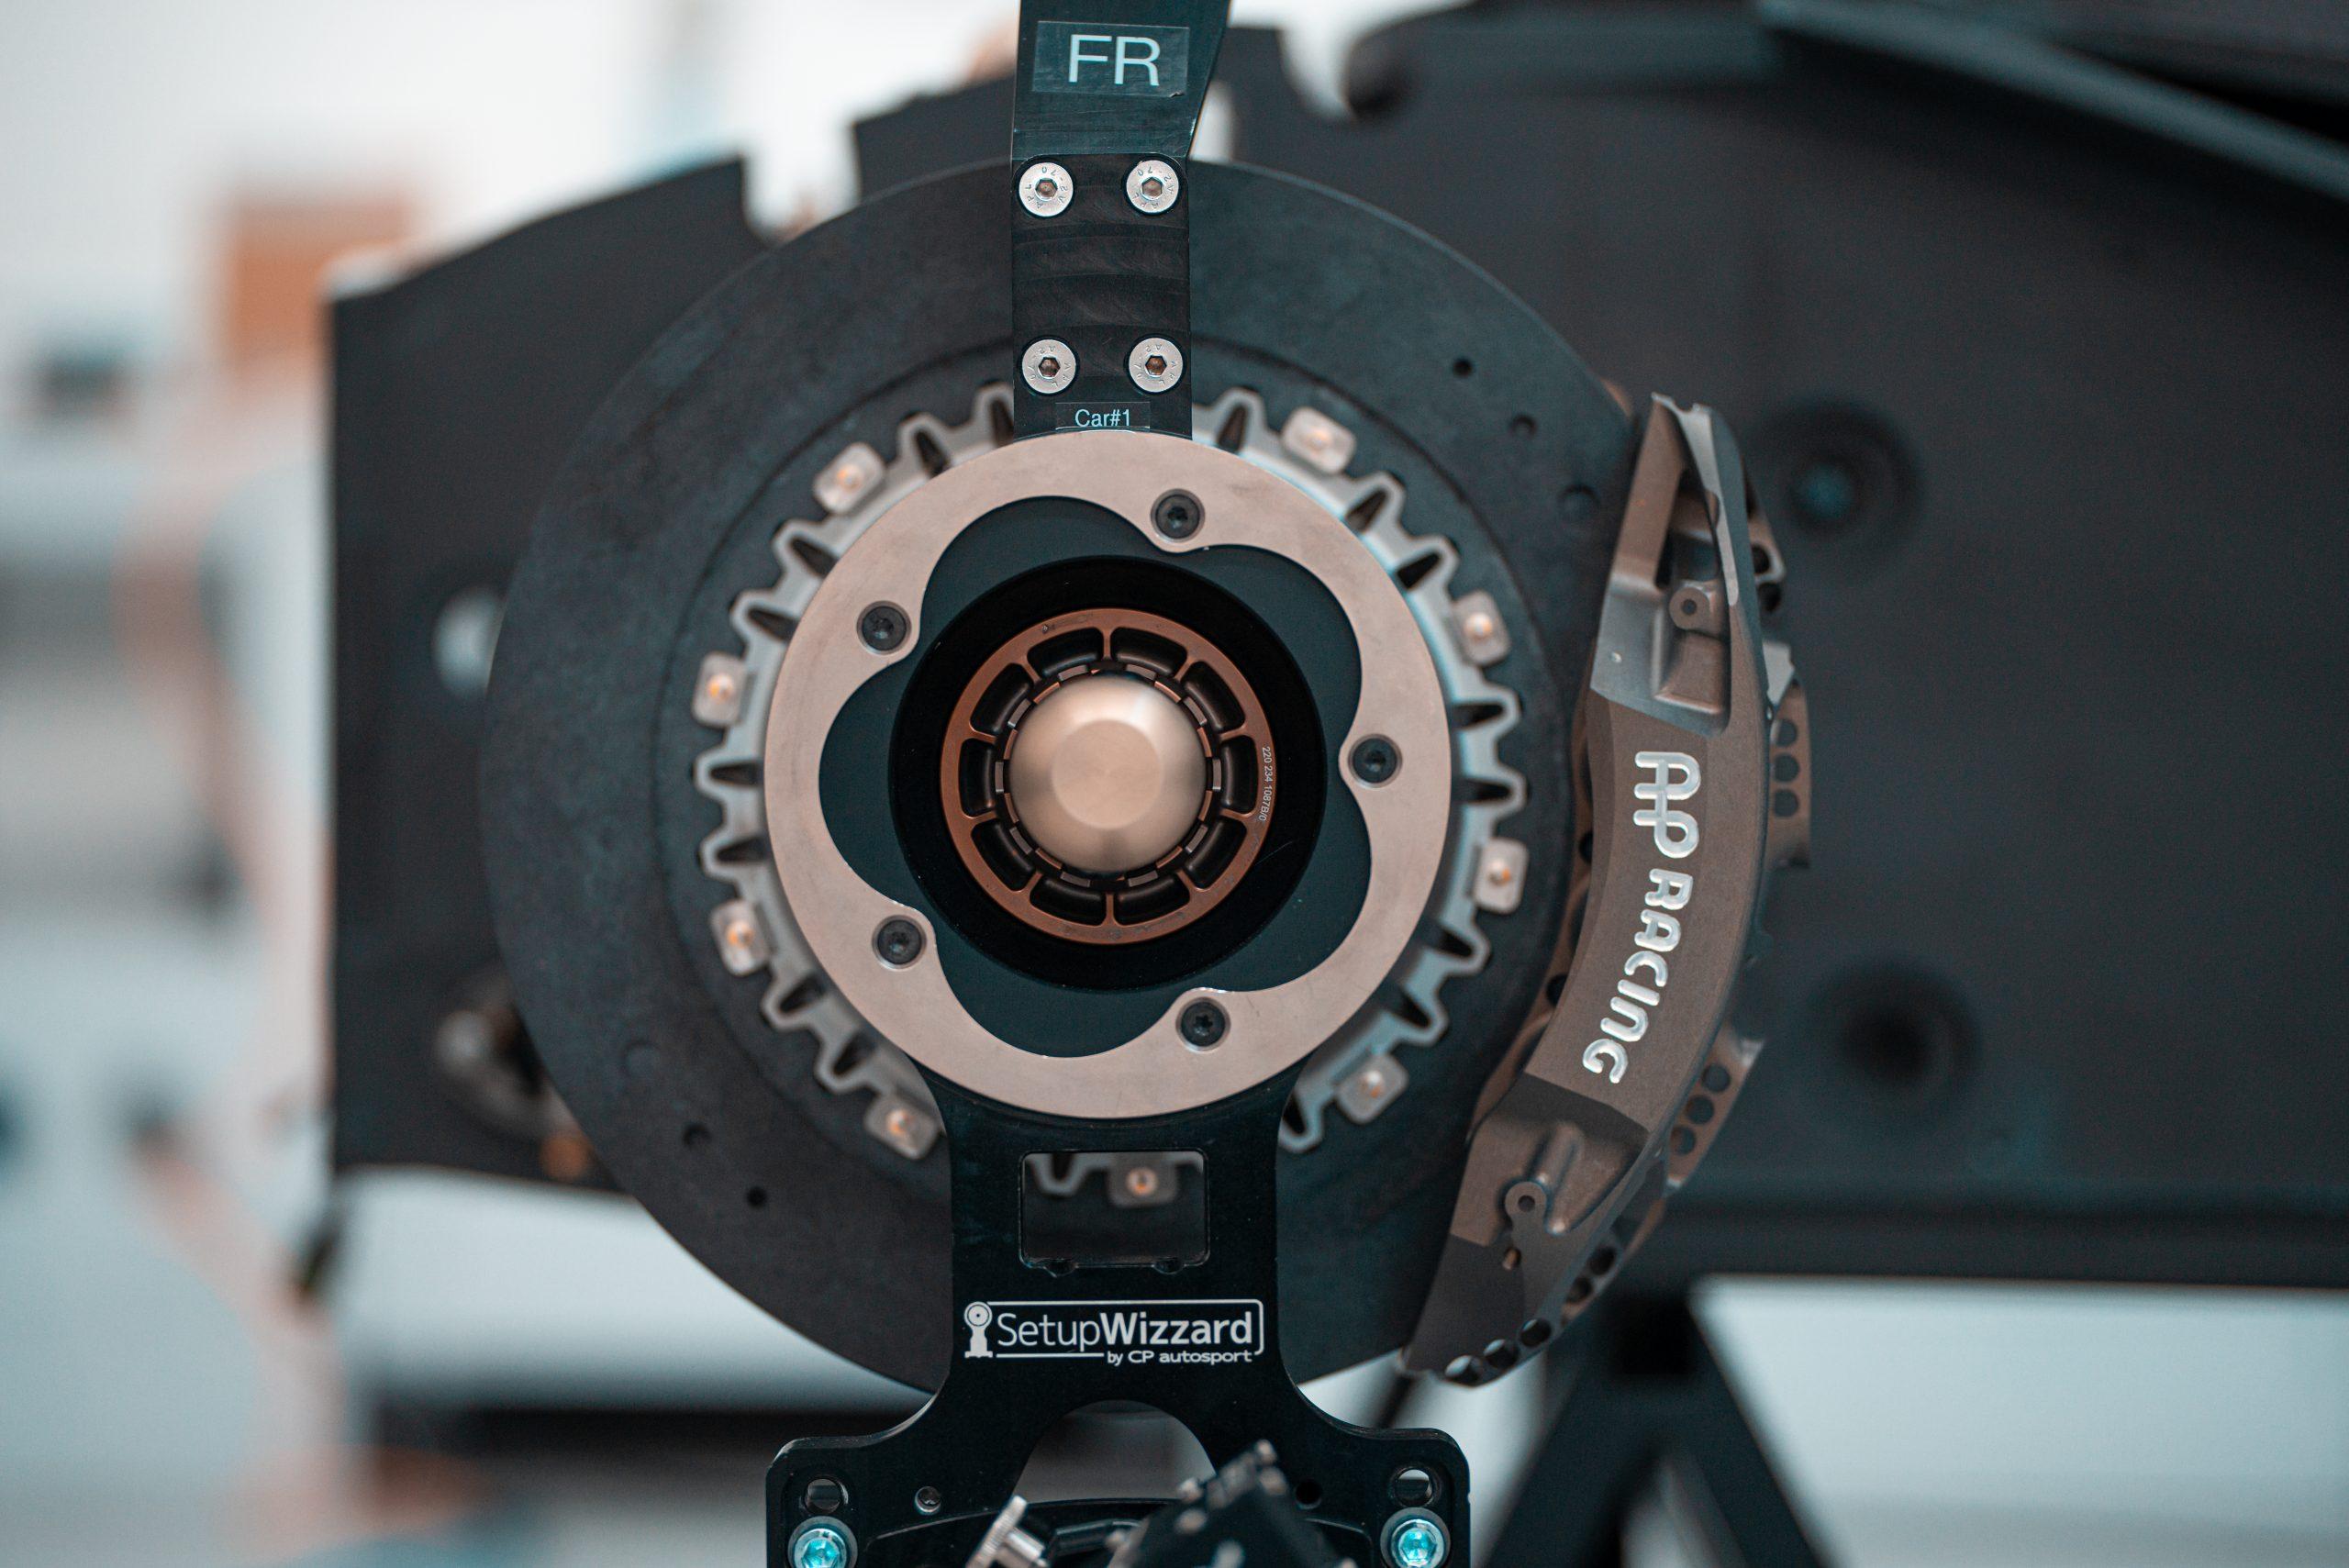 SCG Scuderia Cameron Glickenhaus 007 Hypercar LMH brake assembly